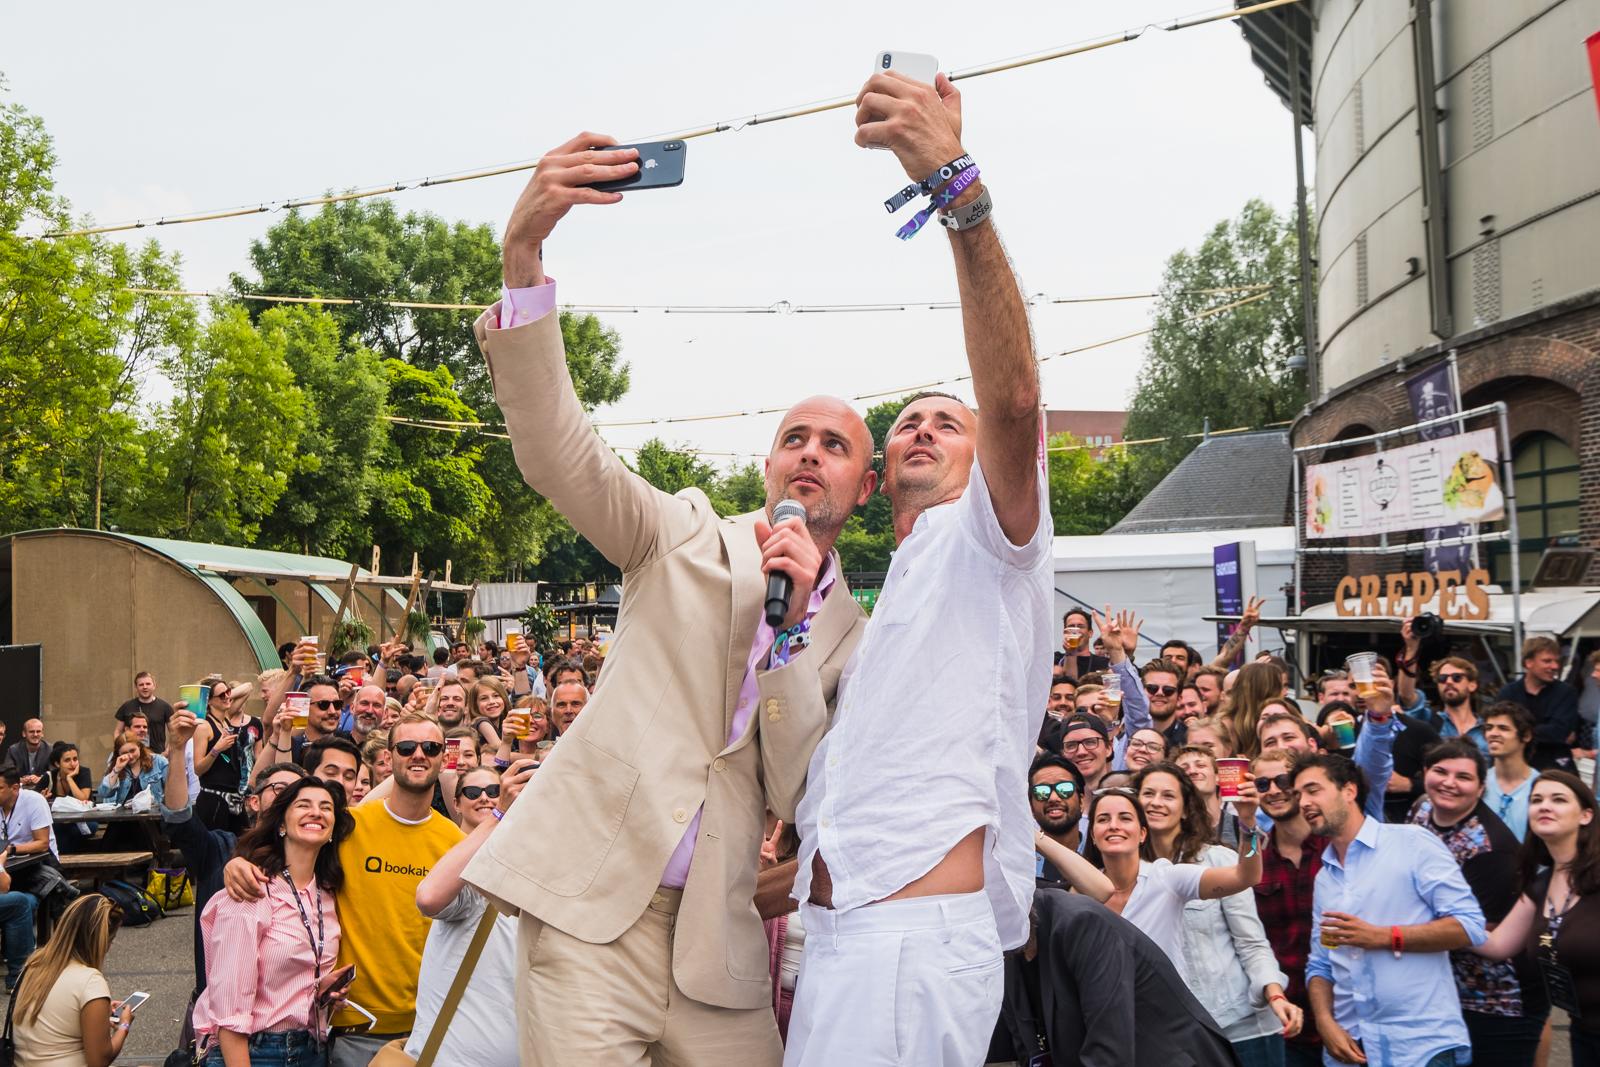 305488 boris patrick selfie picture 238c94 original 1551719841